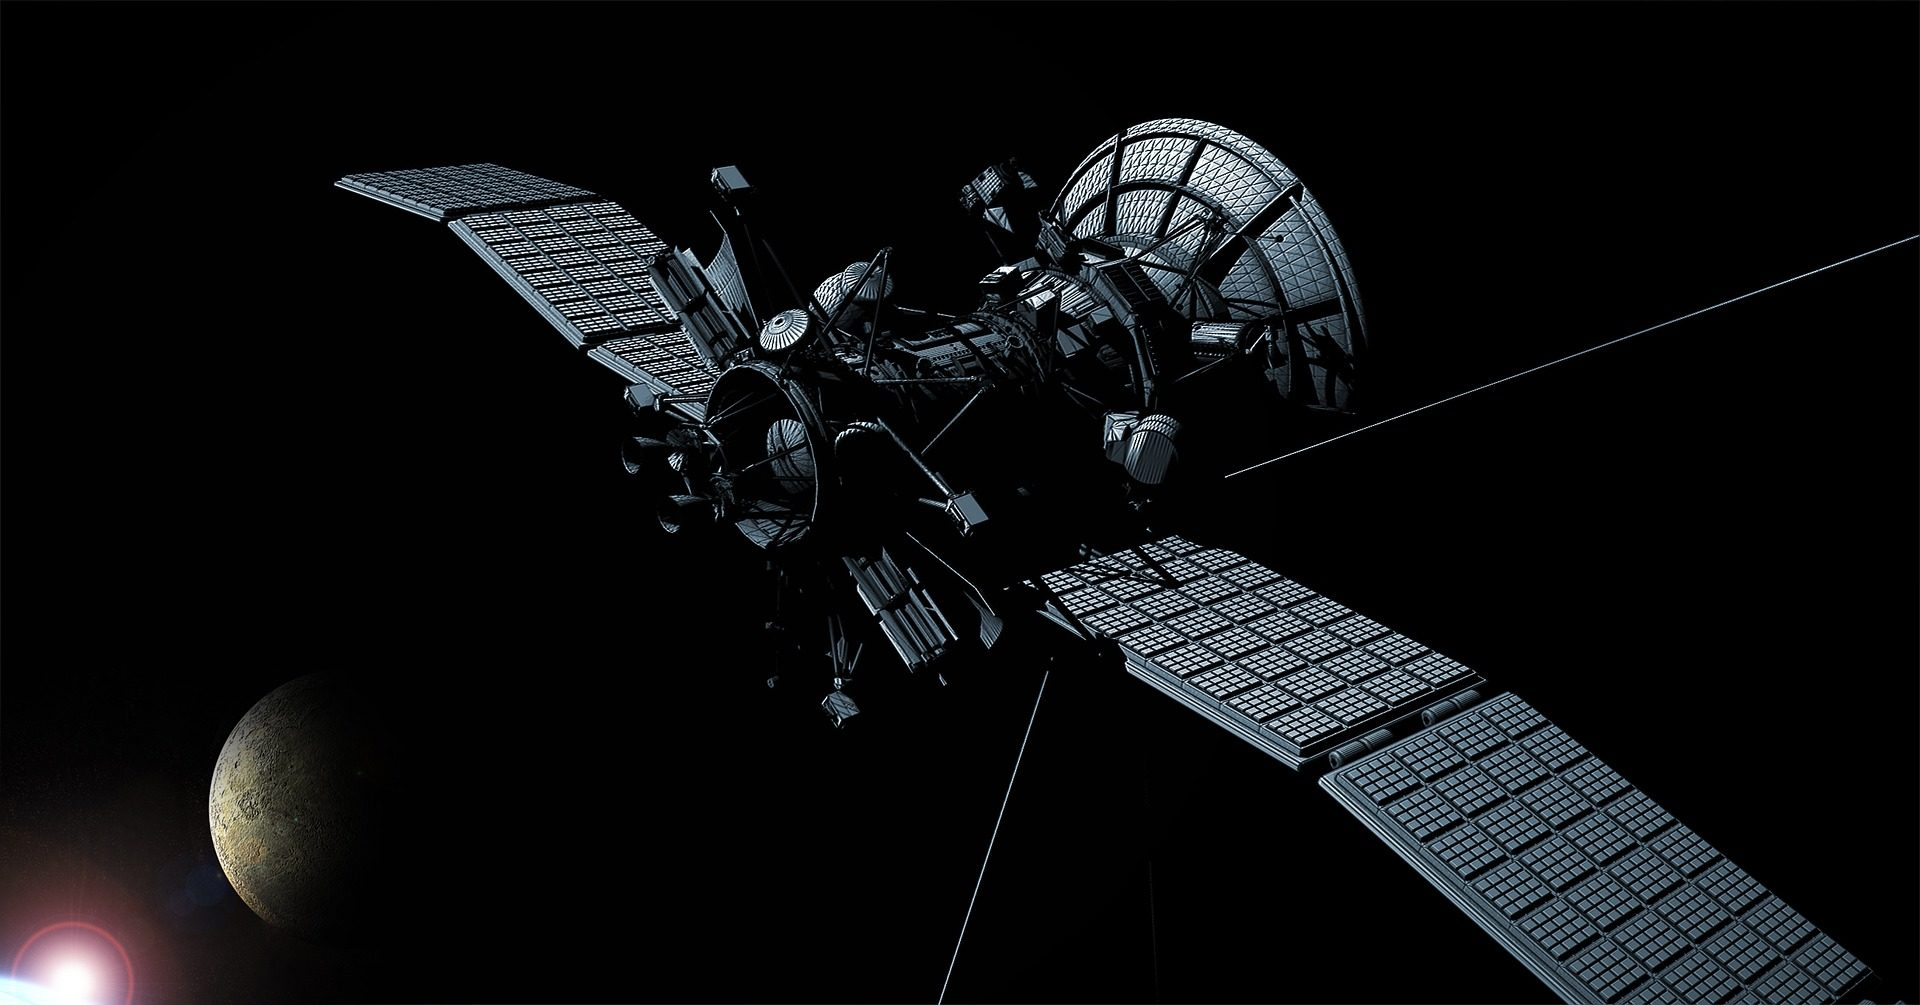 Спутниковое, пространство, Луна, Солнце, Вселенная - Обои HD - Профессор falken.com